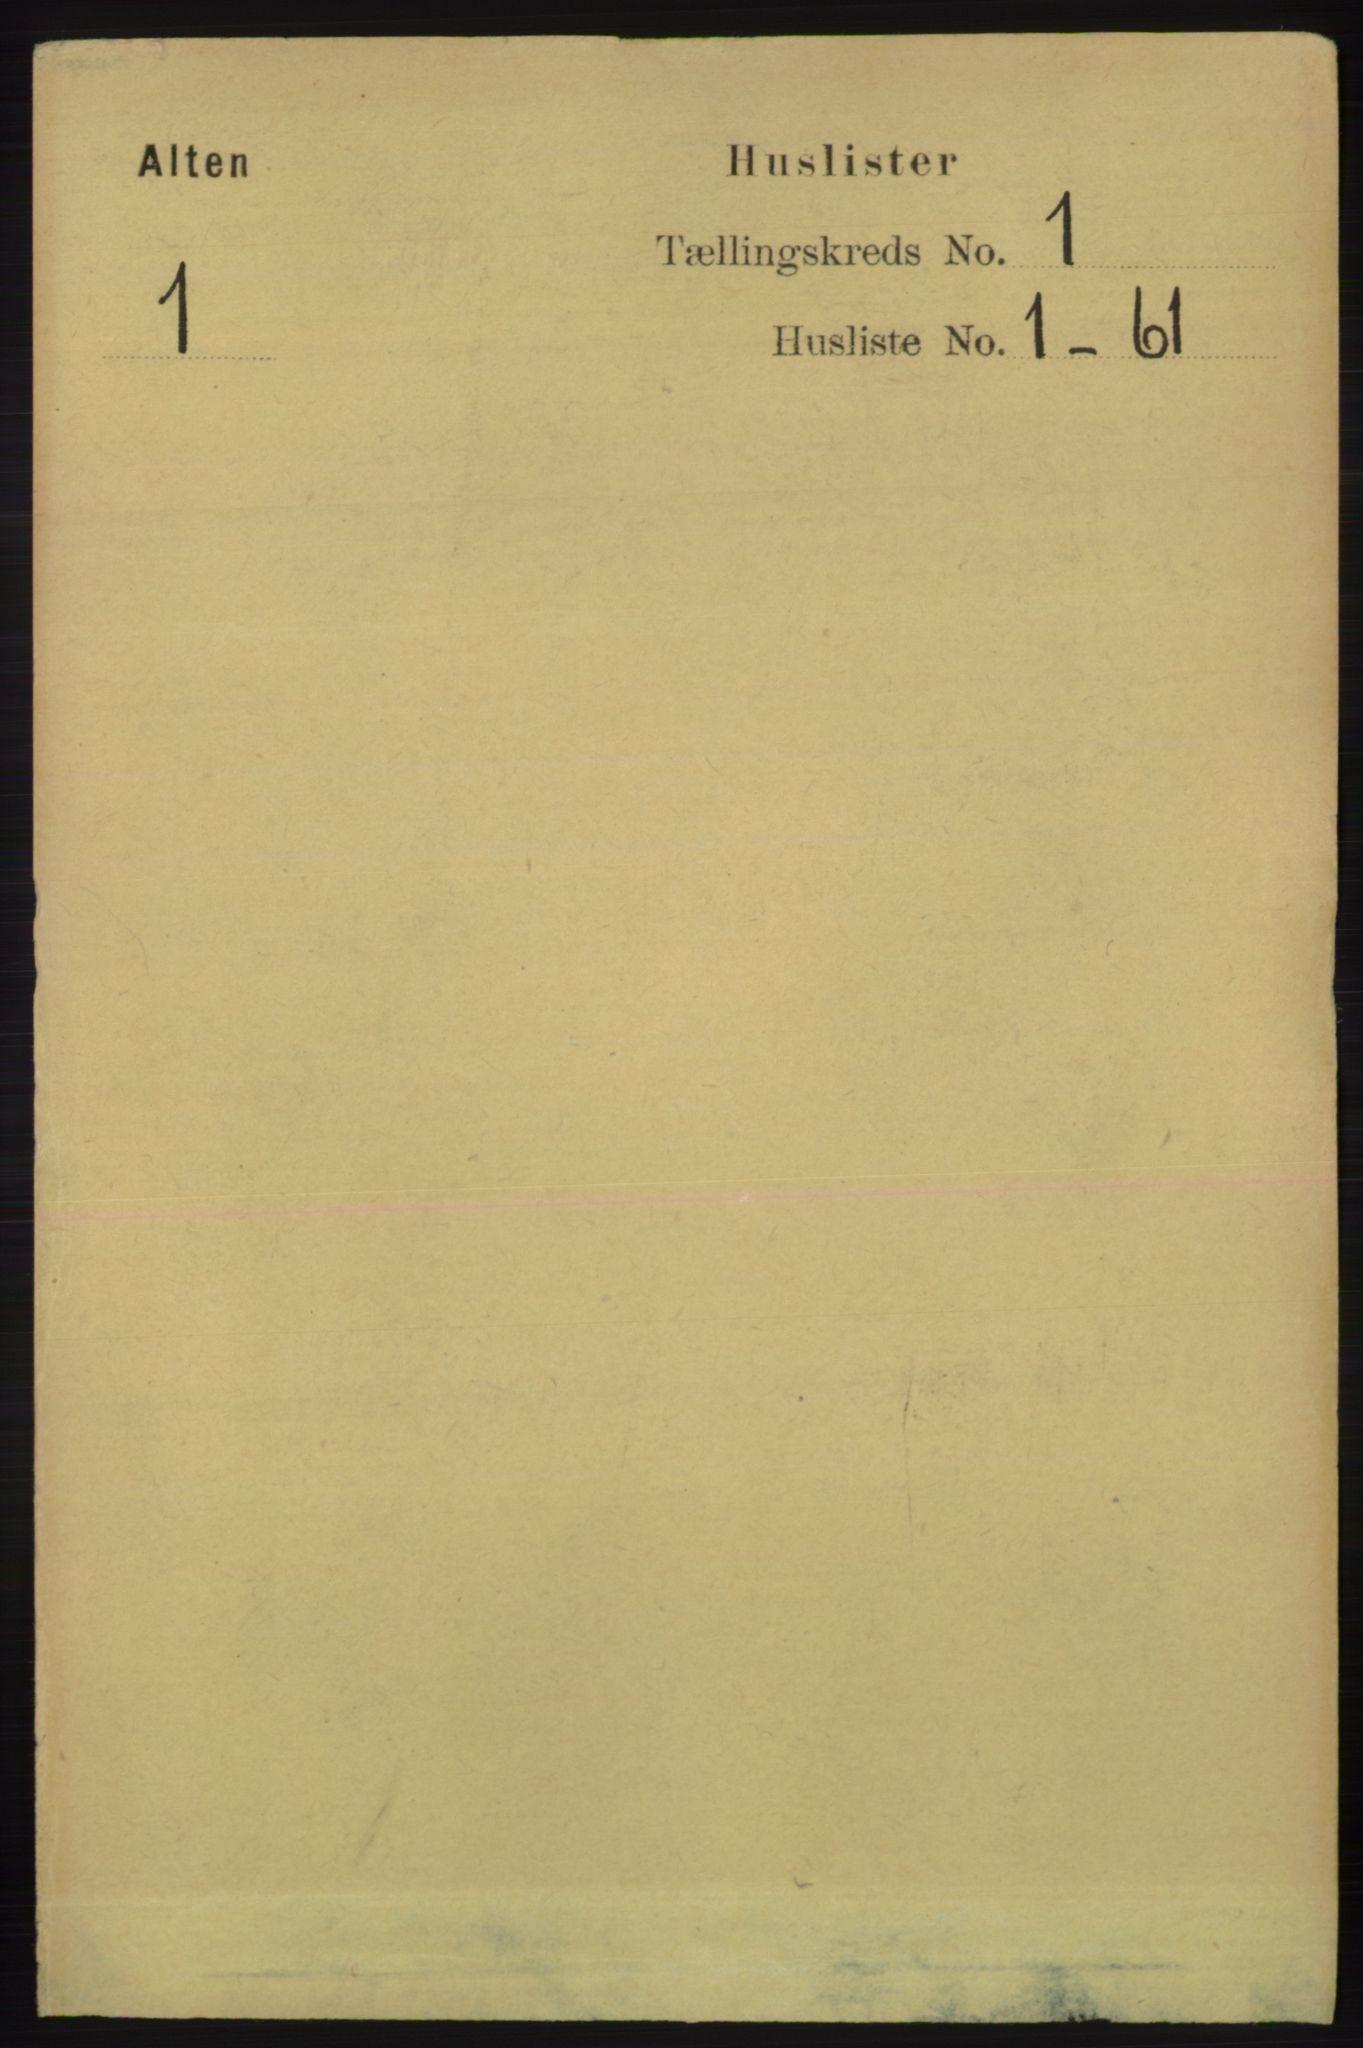 RA, Folketelling 1891 for 2012 Alta herred, 1891, s. 19